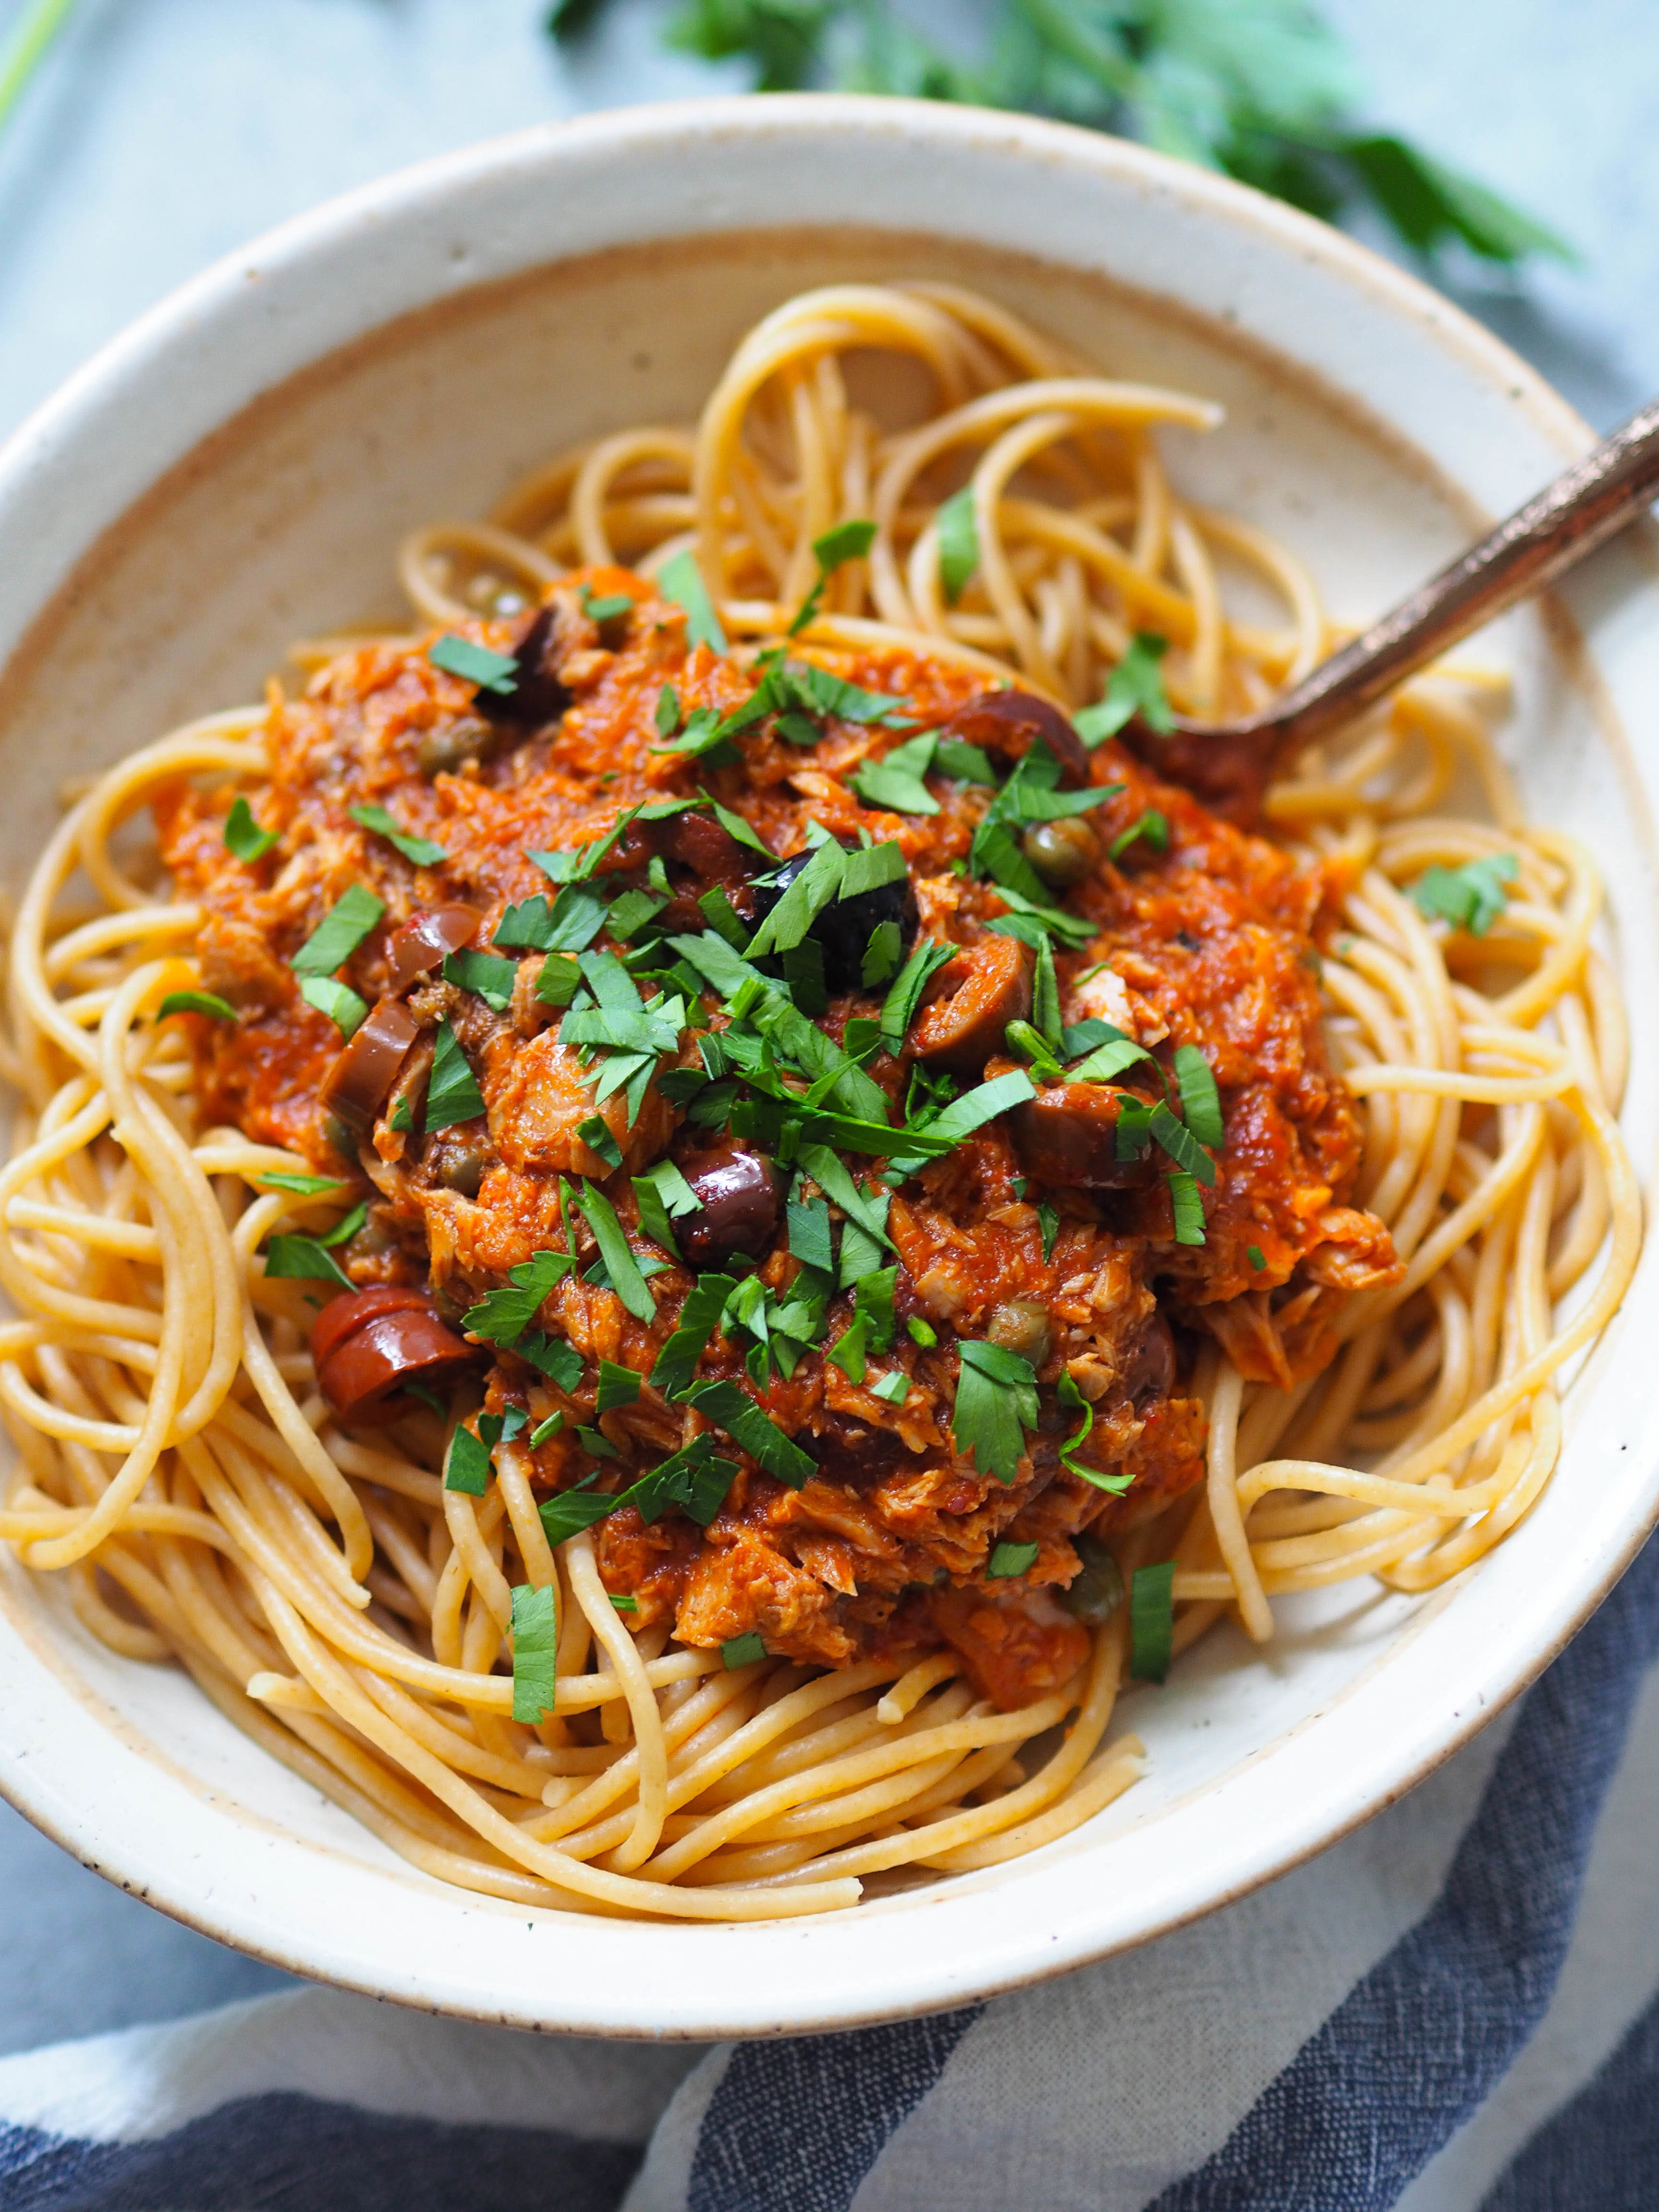 把这东西给吃个美味的美味的奶酪!我是最喜欢的晚餐晚宴的一晚了!#####意大利面#意大利面#